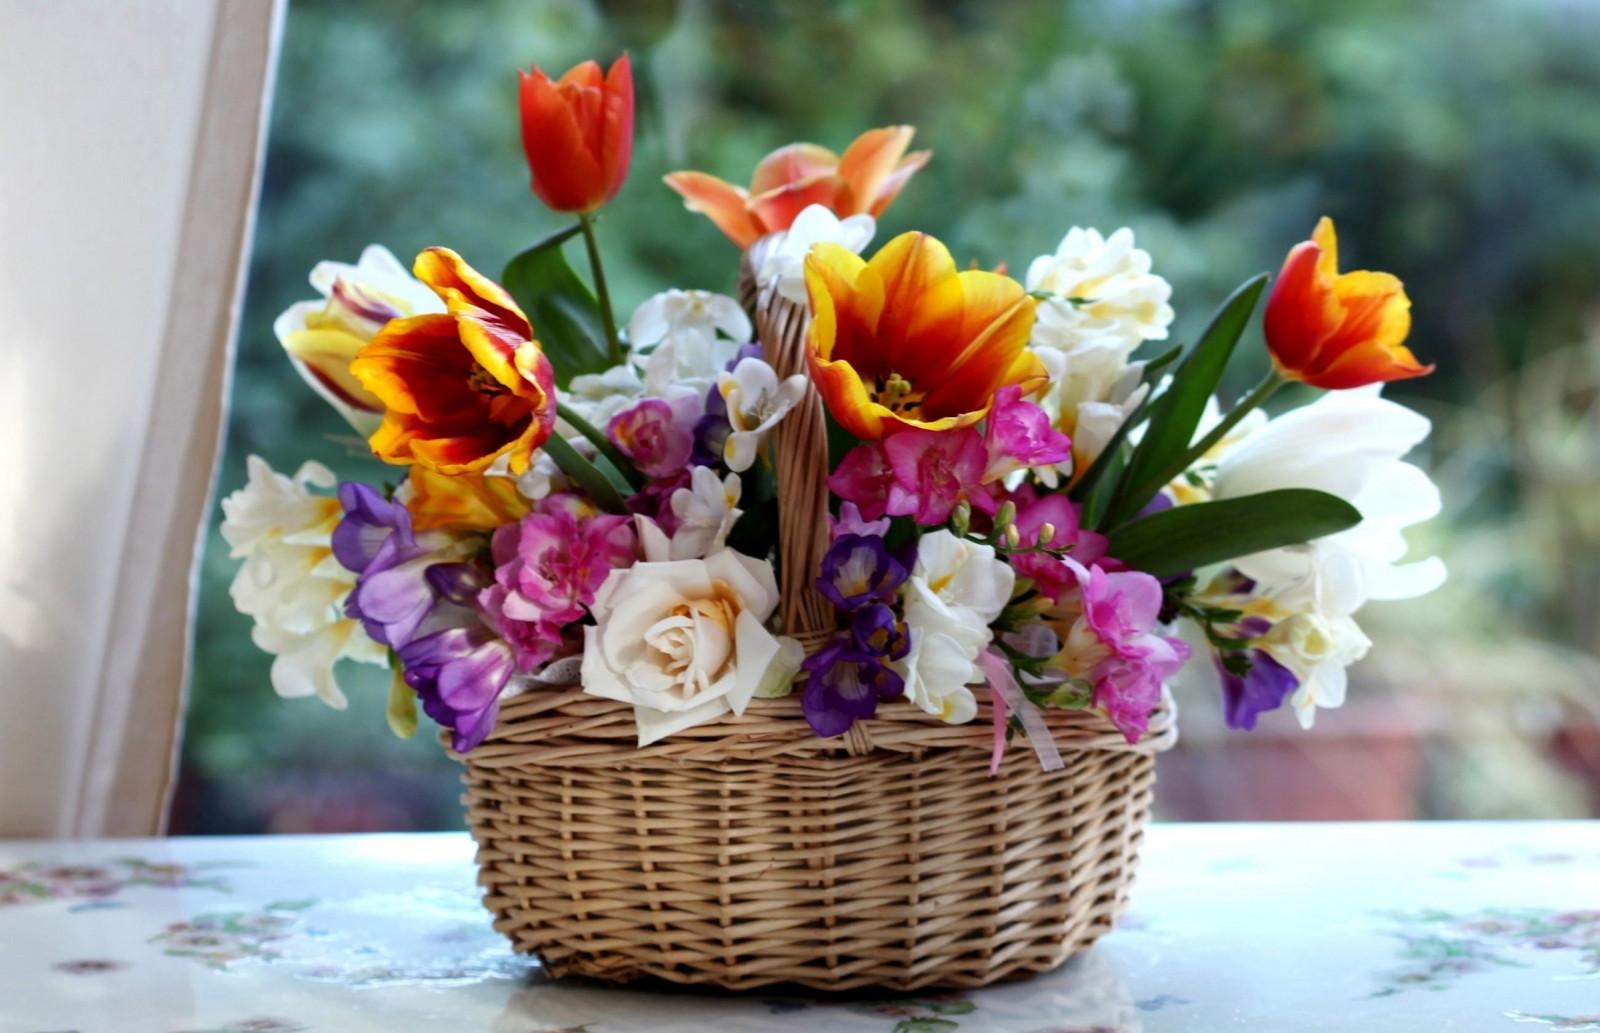 Картинки с цветами розы и тюльпаны, днем рождения девочке